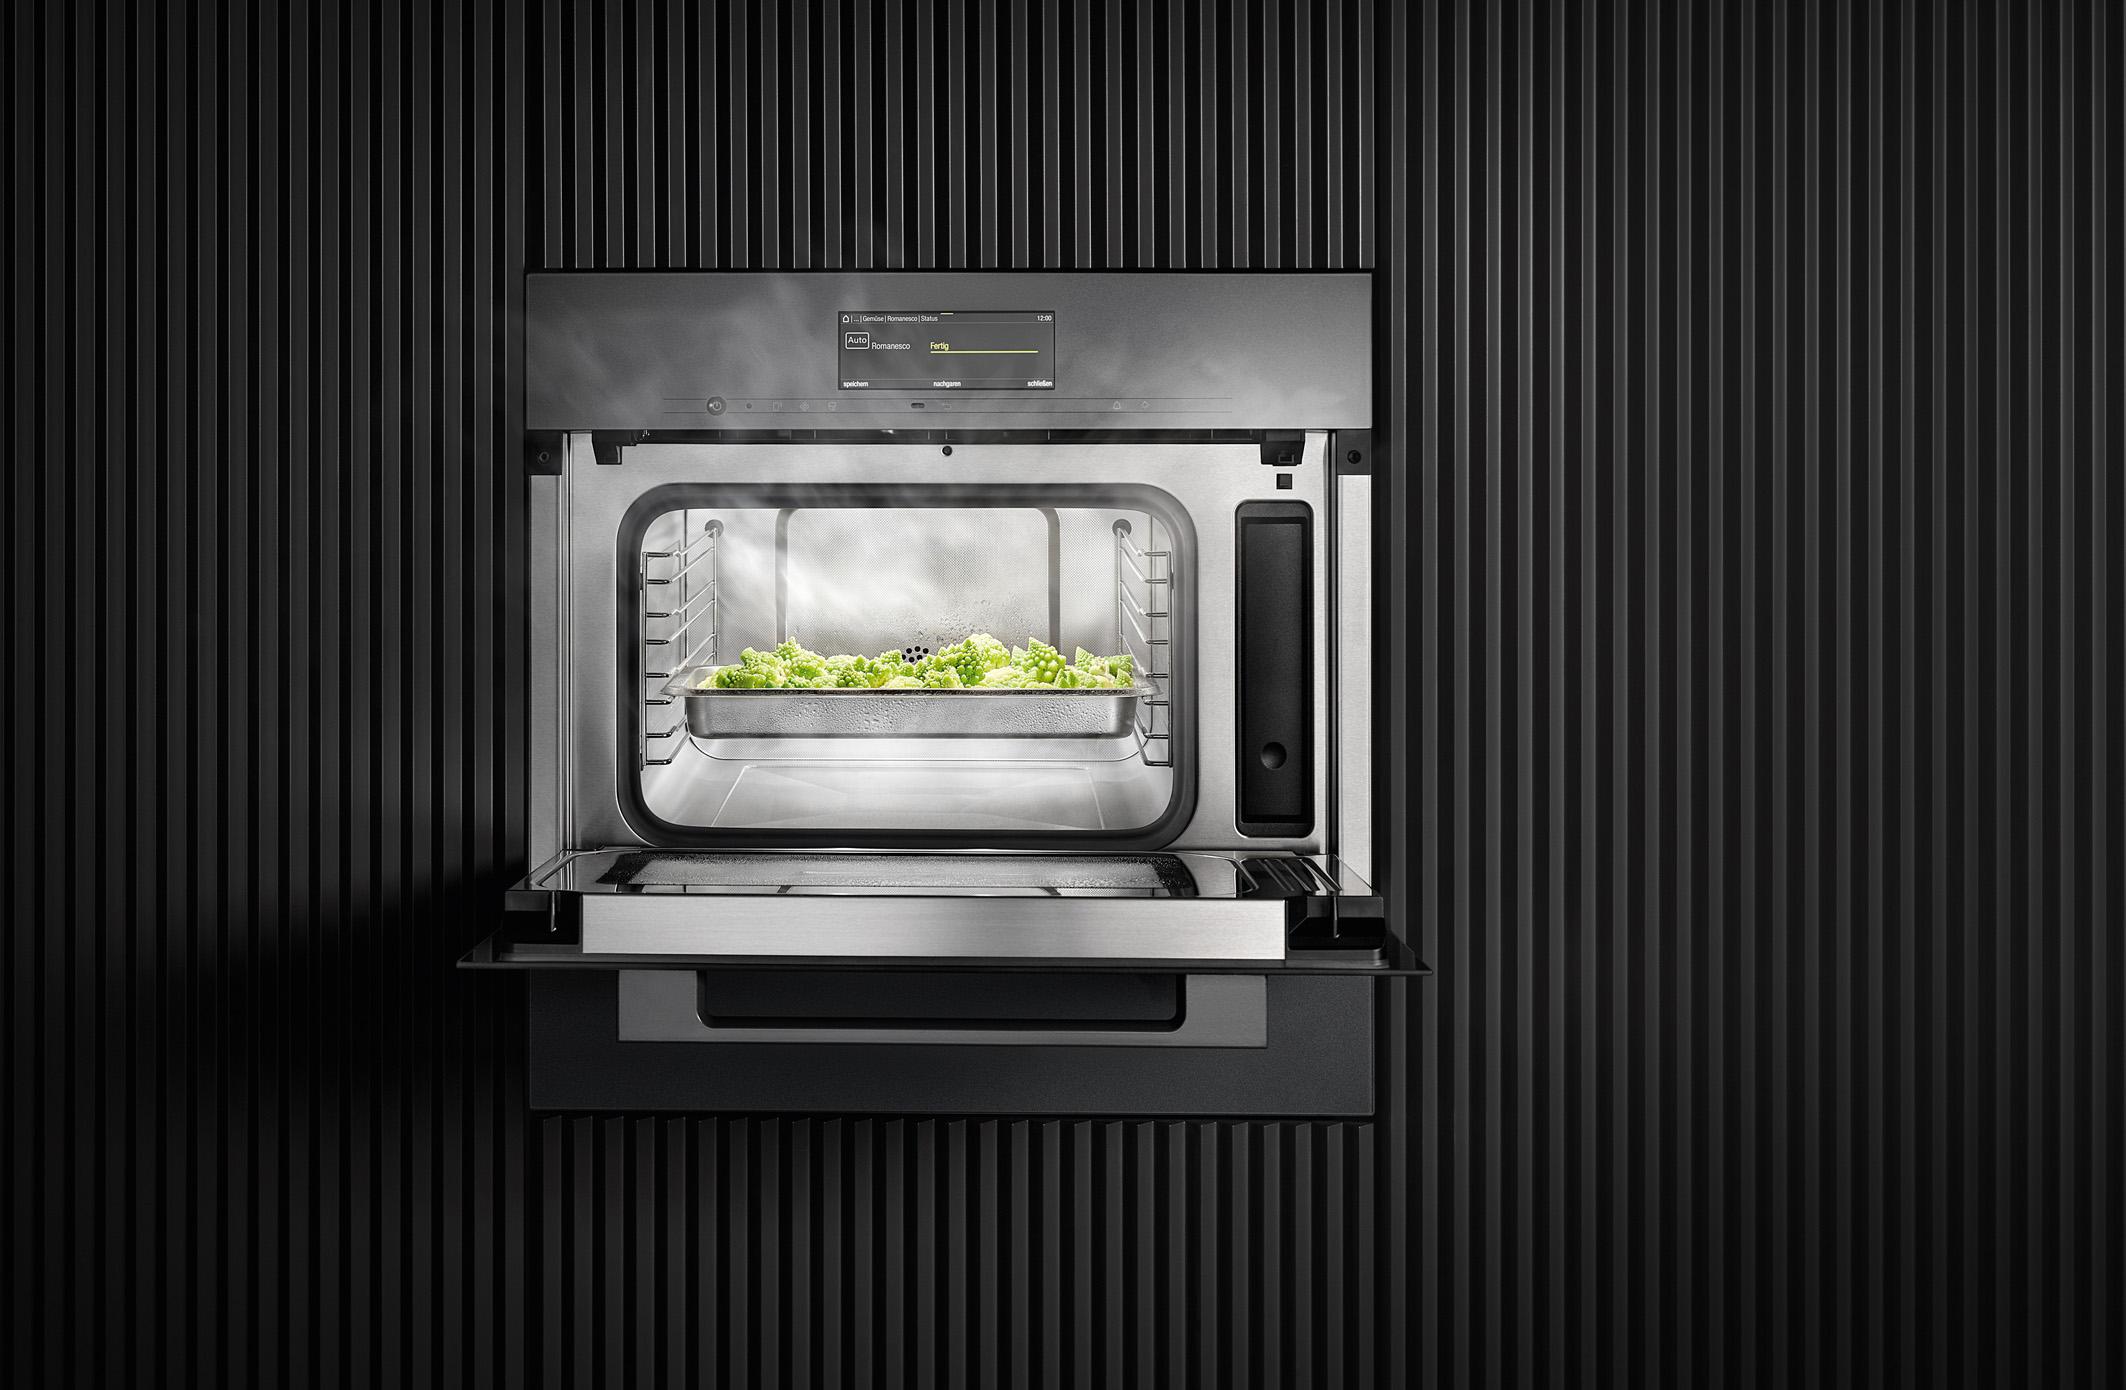 Ein neues Spitzenmodell: Dieser Einbau-Dampfgarer mit integrierter Mikrowelle bietet z. B. auch die Möglichkeit des schnellen Garens. Dann beträgt die Garzeit – ohne dass die Speisen an Qualität einbüßen – fast nur noch die Hälfte der Zeit. © AMK